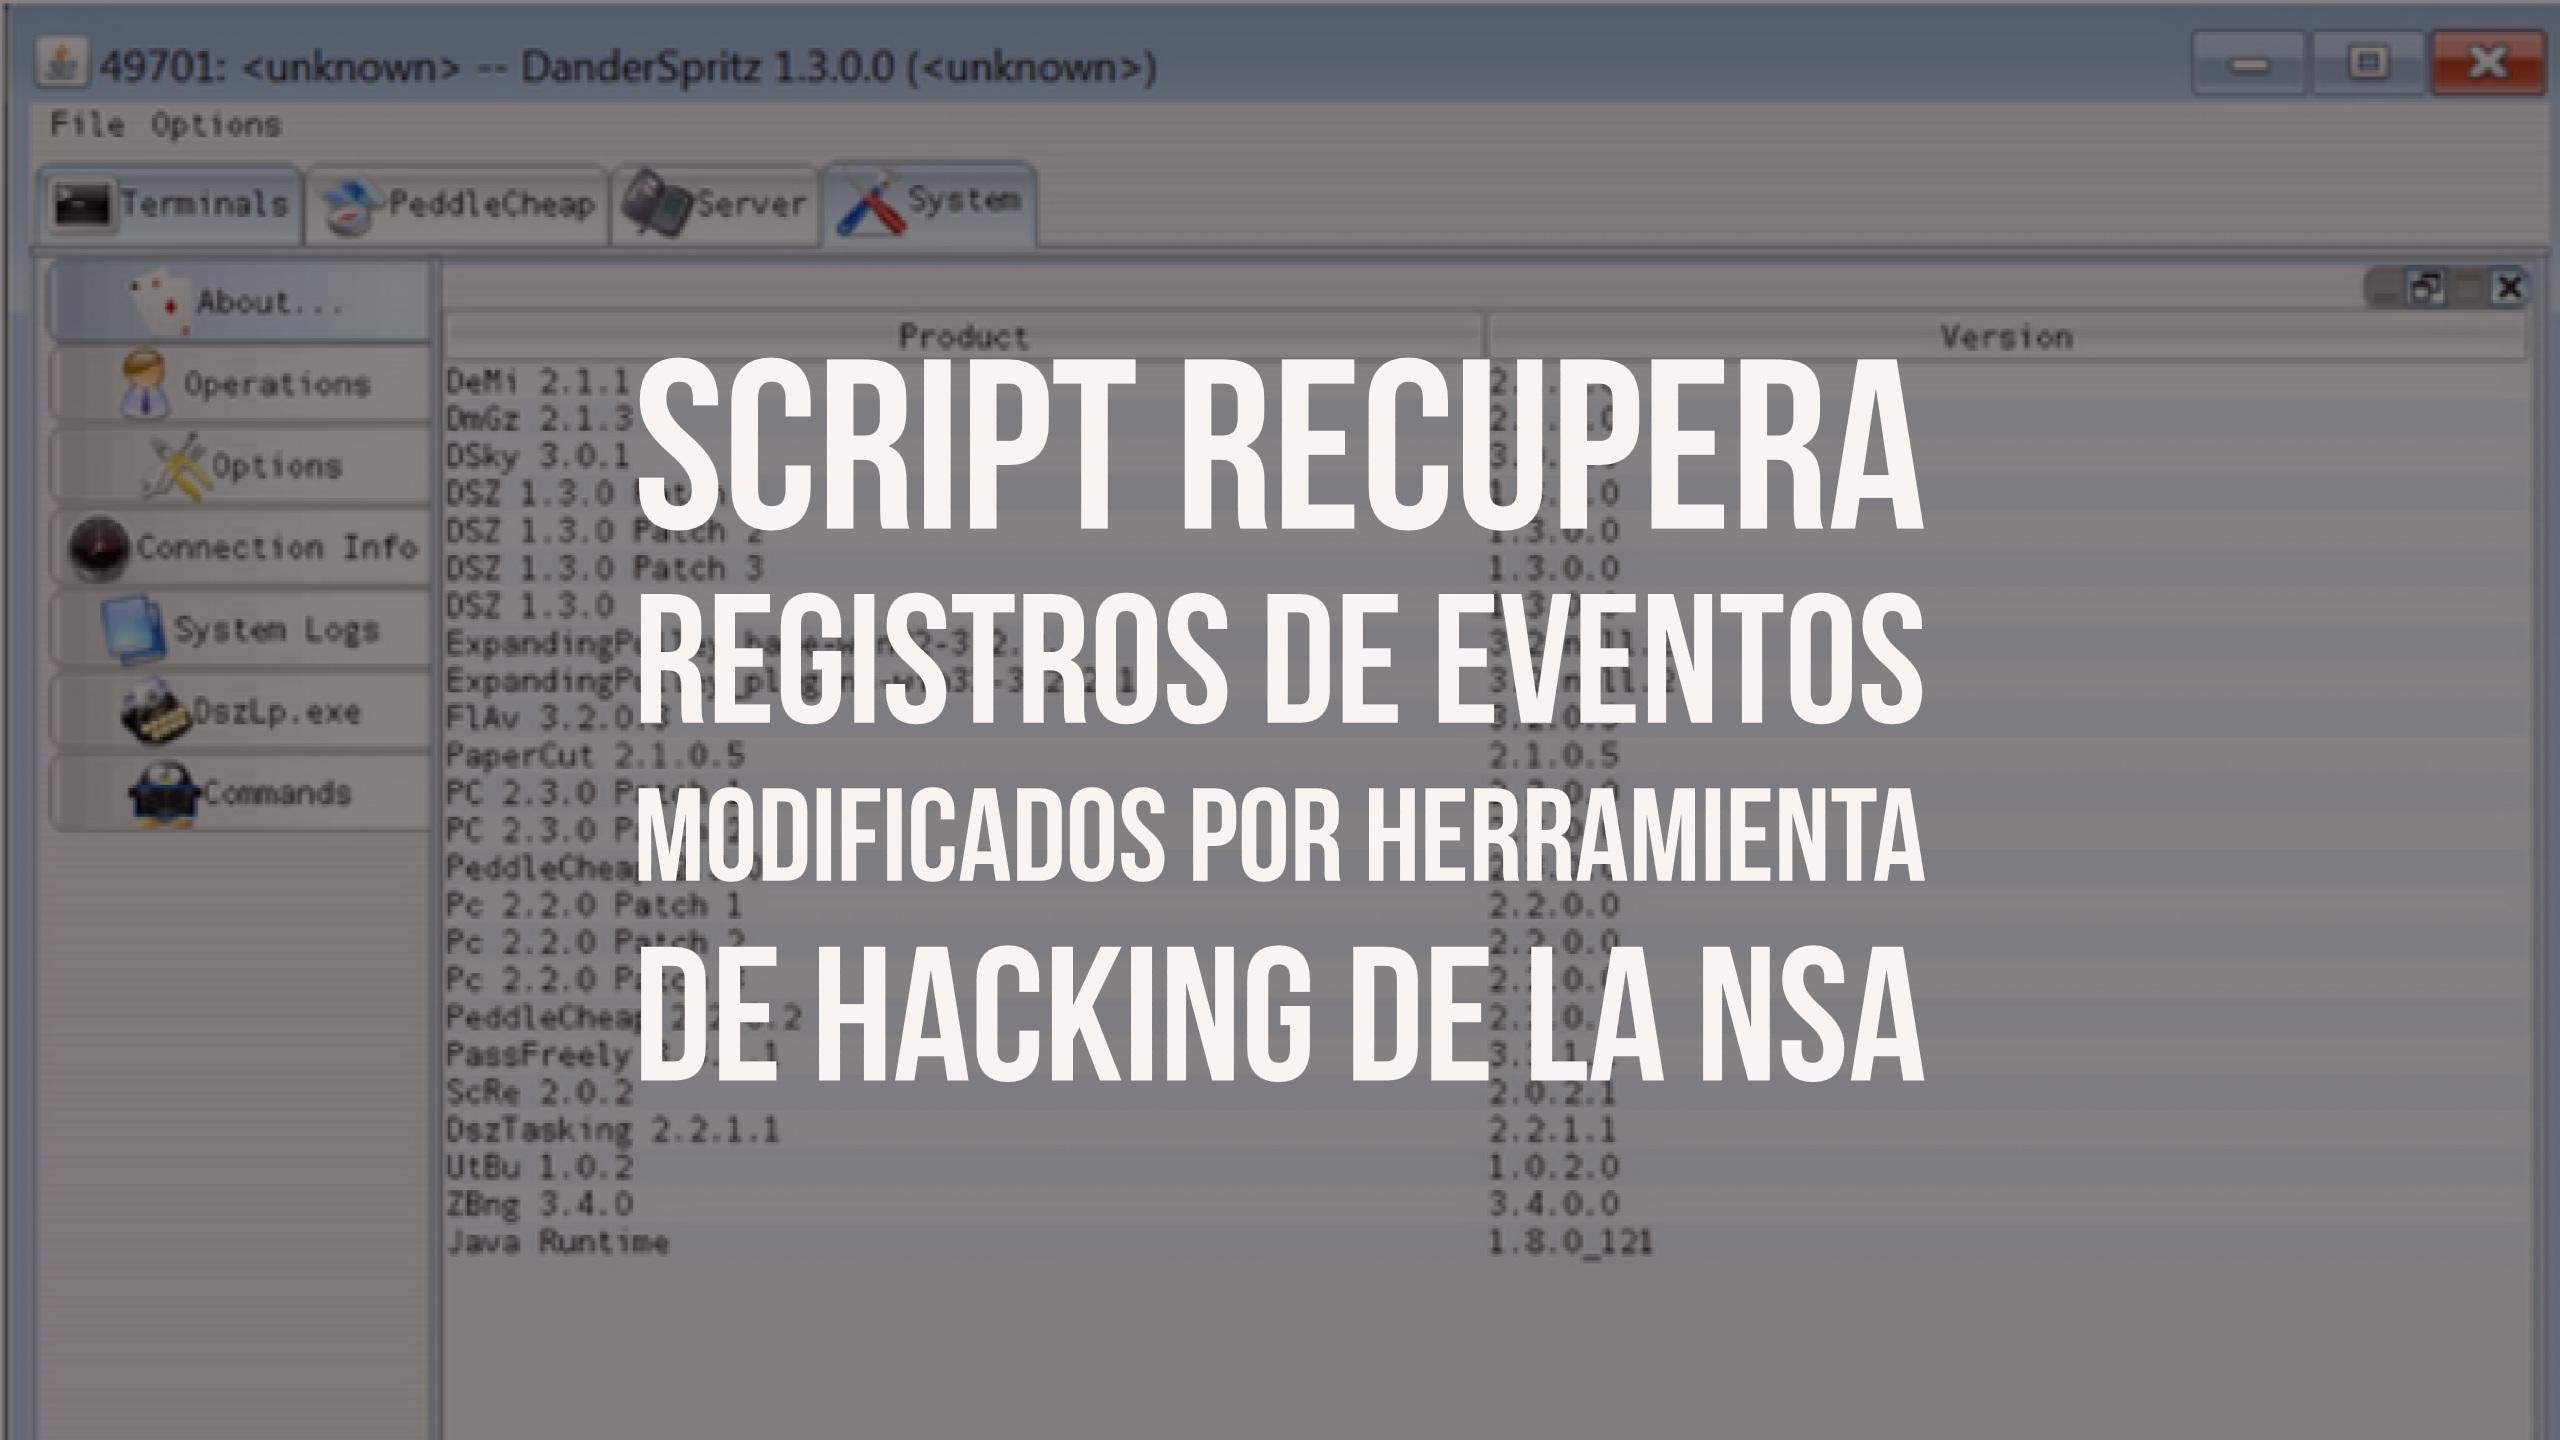 Script recupera registros de eventos modificados por herramienta de hacking de la NSA